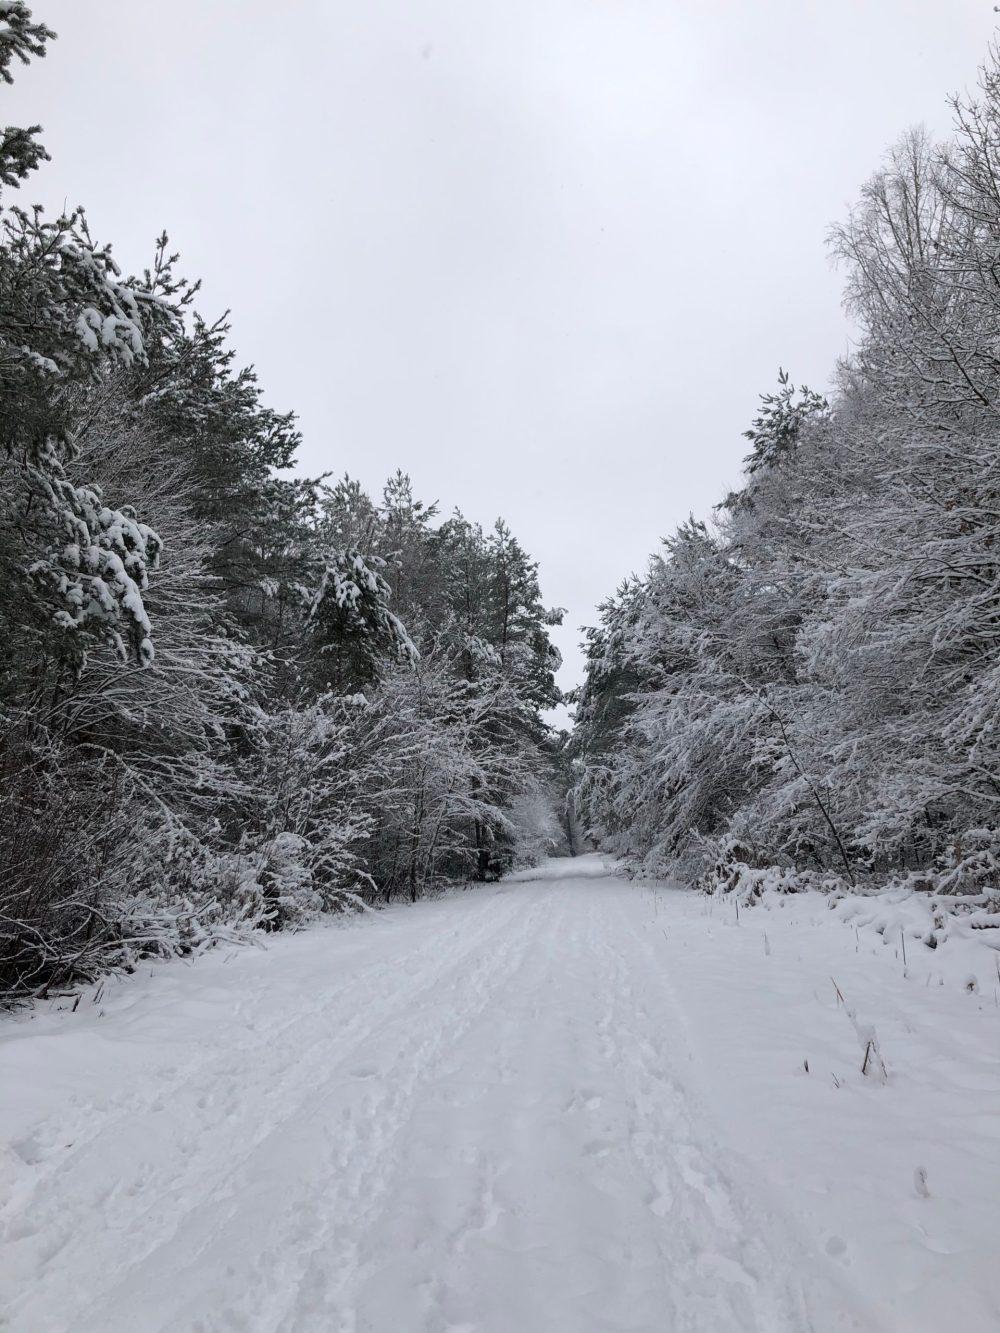 Schneebedeckte Waldlandschaft im Kirkeler Wald im Winter